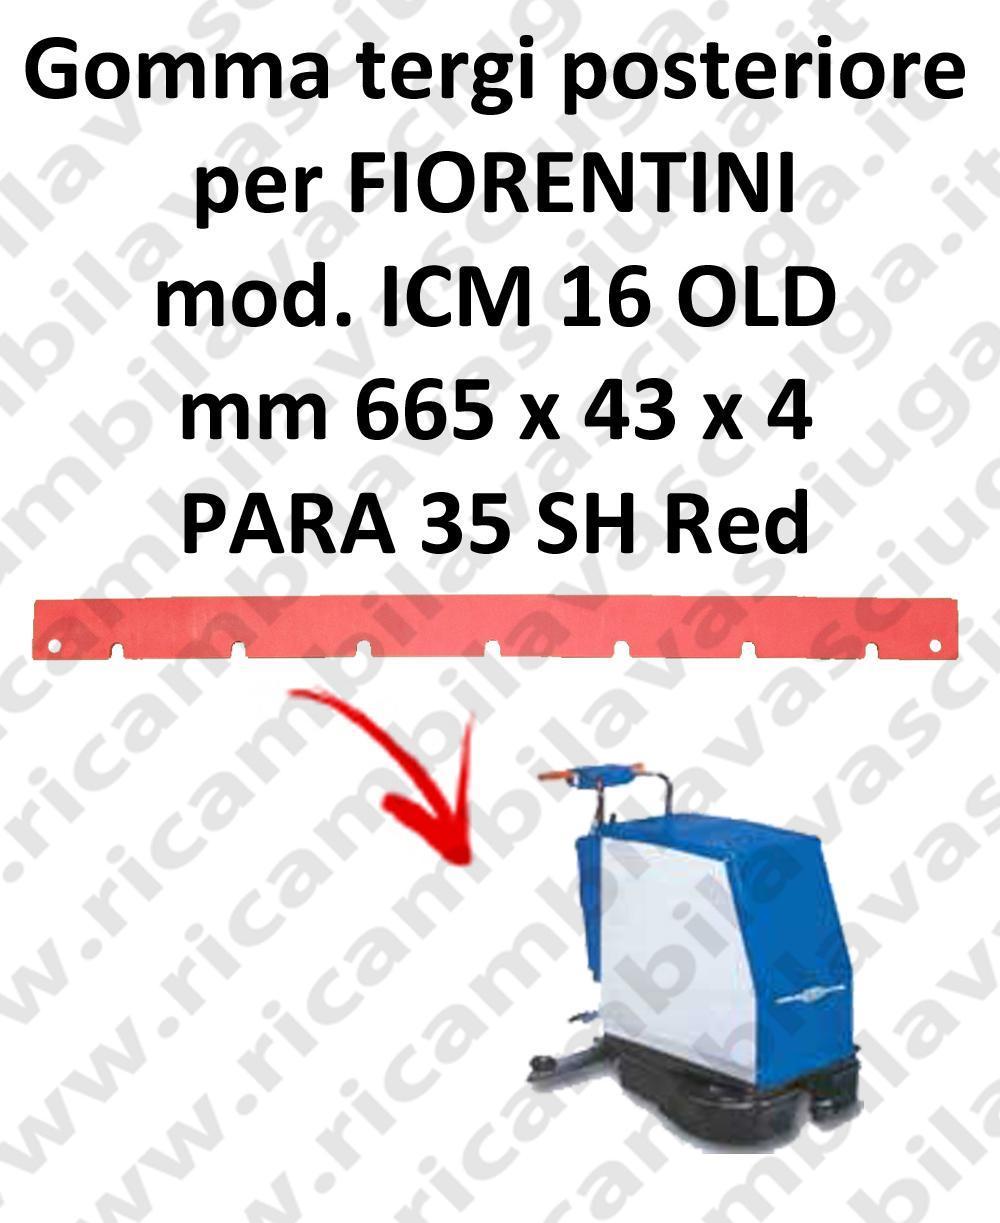 ICM 16 OLD Hinten Sauglippen für scheuersaugmaschinen FIORENTINI